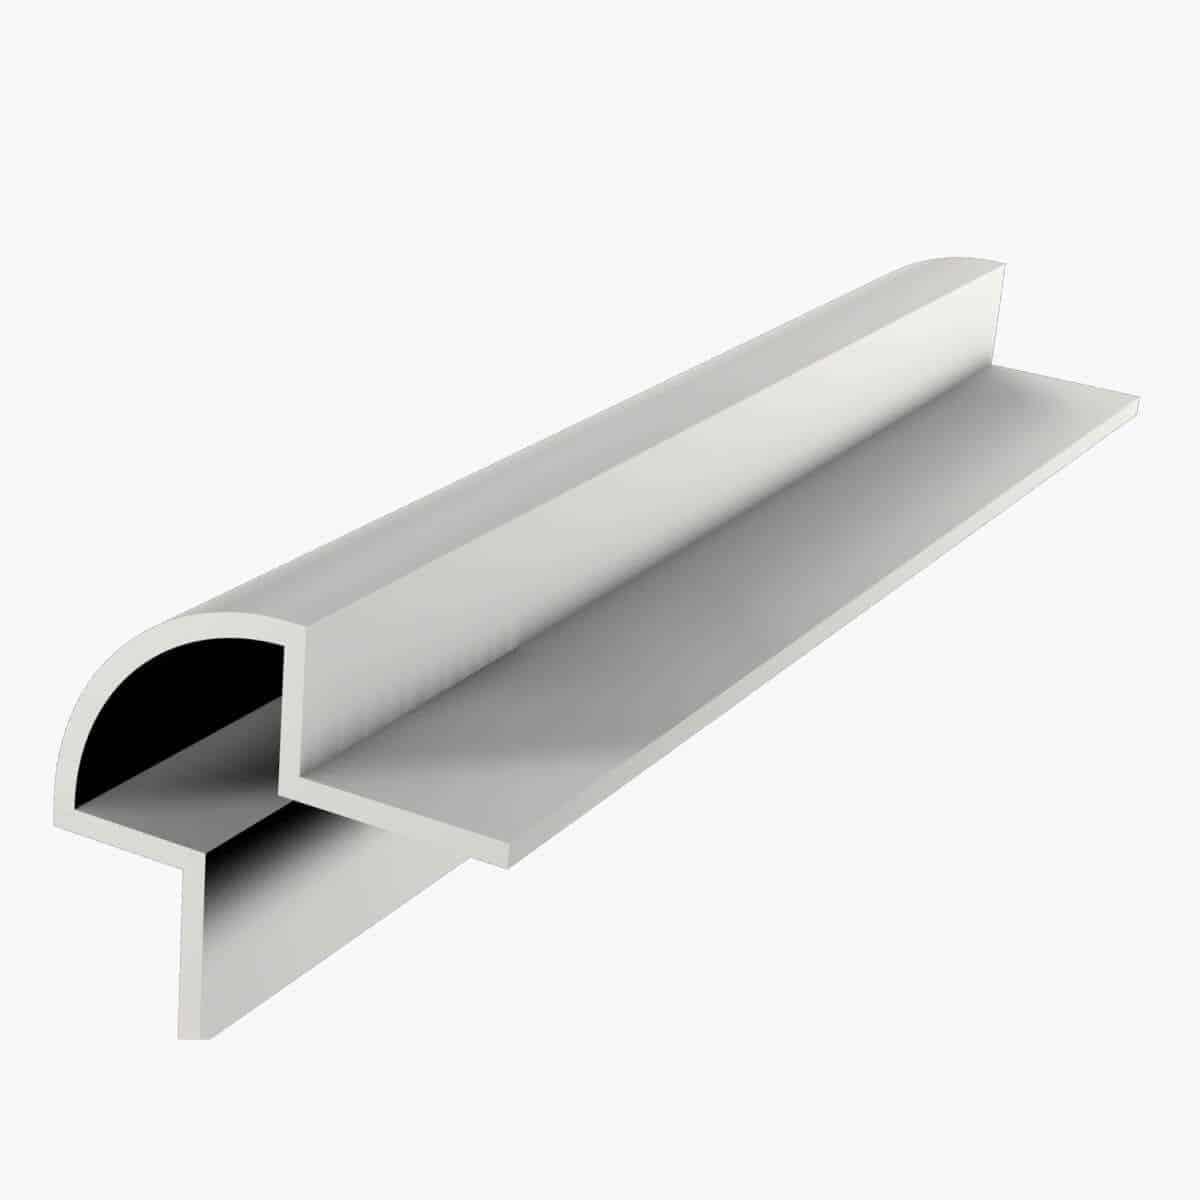 Profilé décoratif TEMPOLISTEL A109 Profilé protège angle arrondi pour cloison